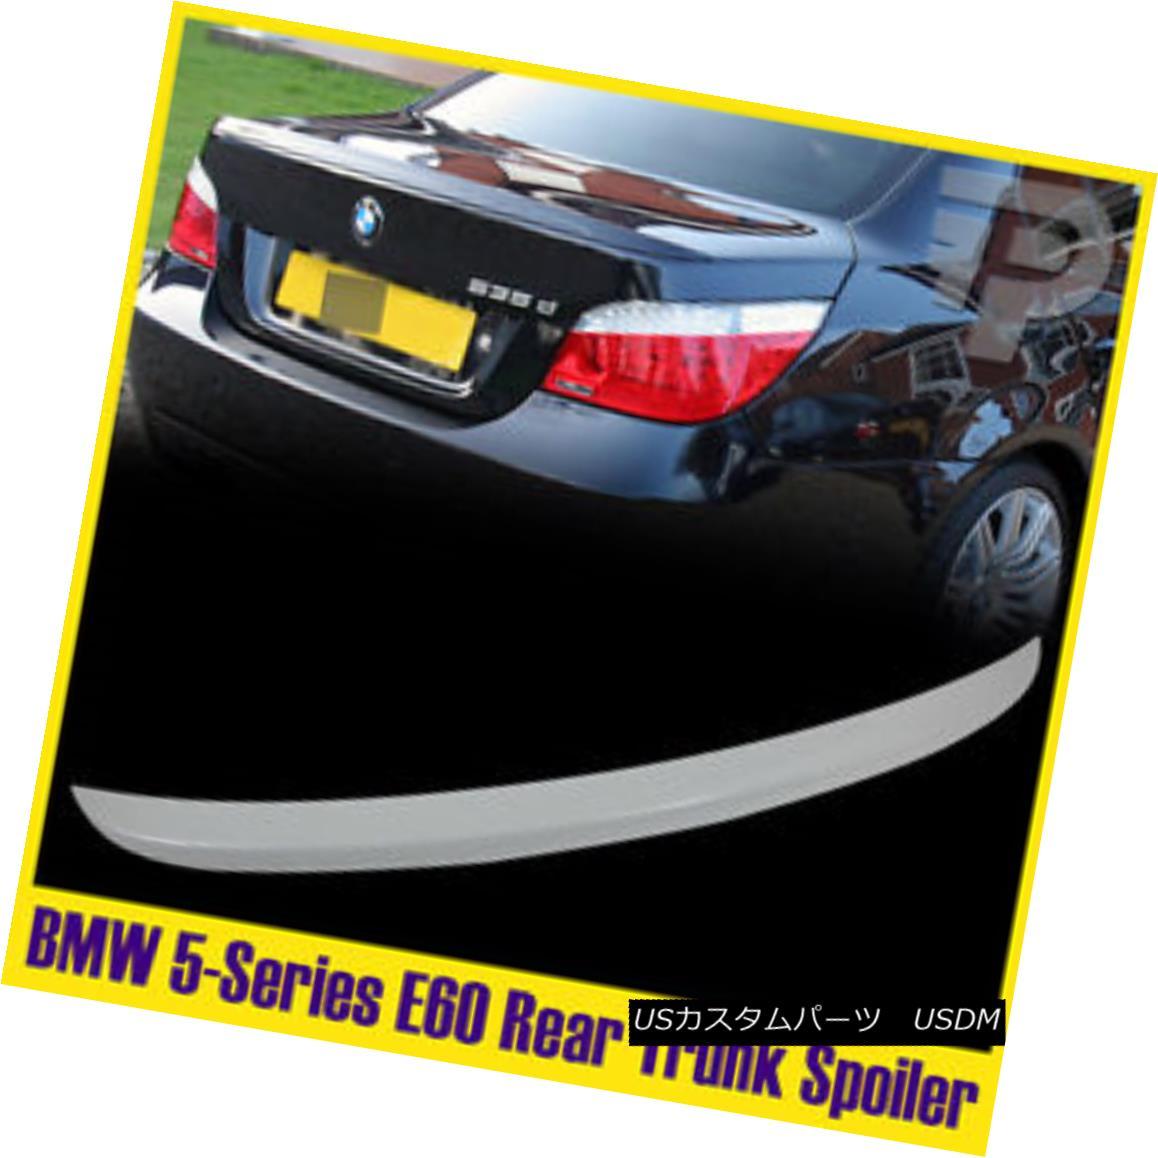 エアロパーツ Painted #300 Alpine White 5-Series E60 BMW Sedan Trunk Rear Wing Spoiler 04-10 ペイント#300アルパインホワイト5シリーズE60 BMWセダントランクリアウィングスポイラー04-10